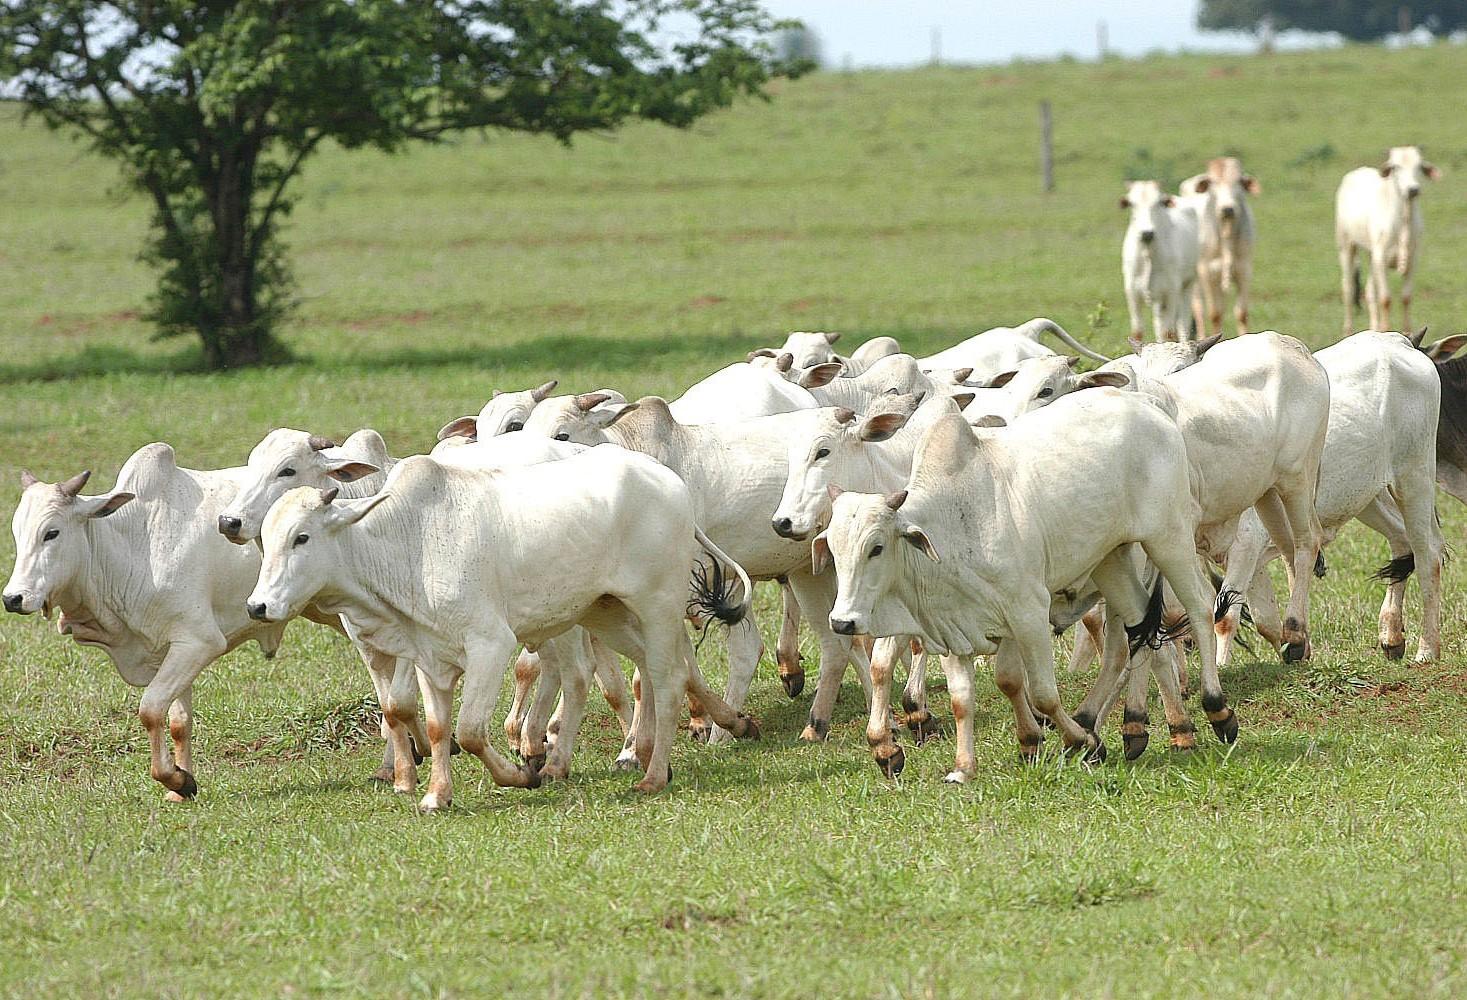 Boi gordo custa R$ 148 a arroba na região de Maringá